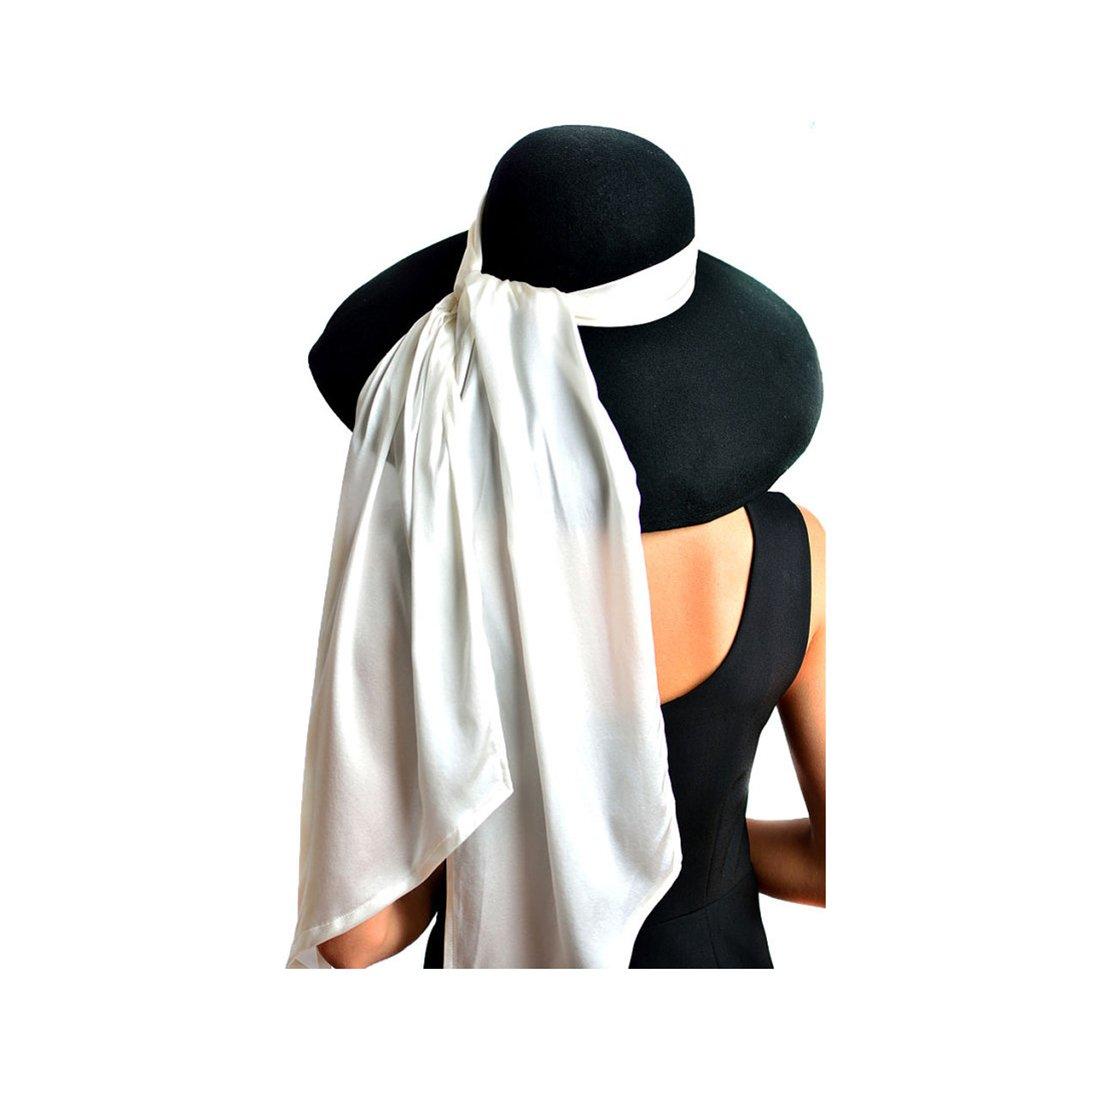 Utopiat Hat, Audrey Hepburn Breakfast at Tiffany's, Oversized, Premium Wool, Black by Utopiat